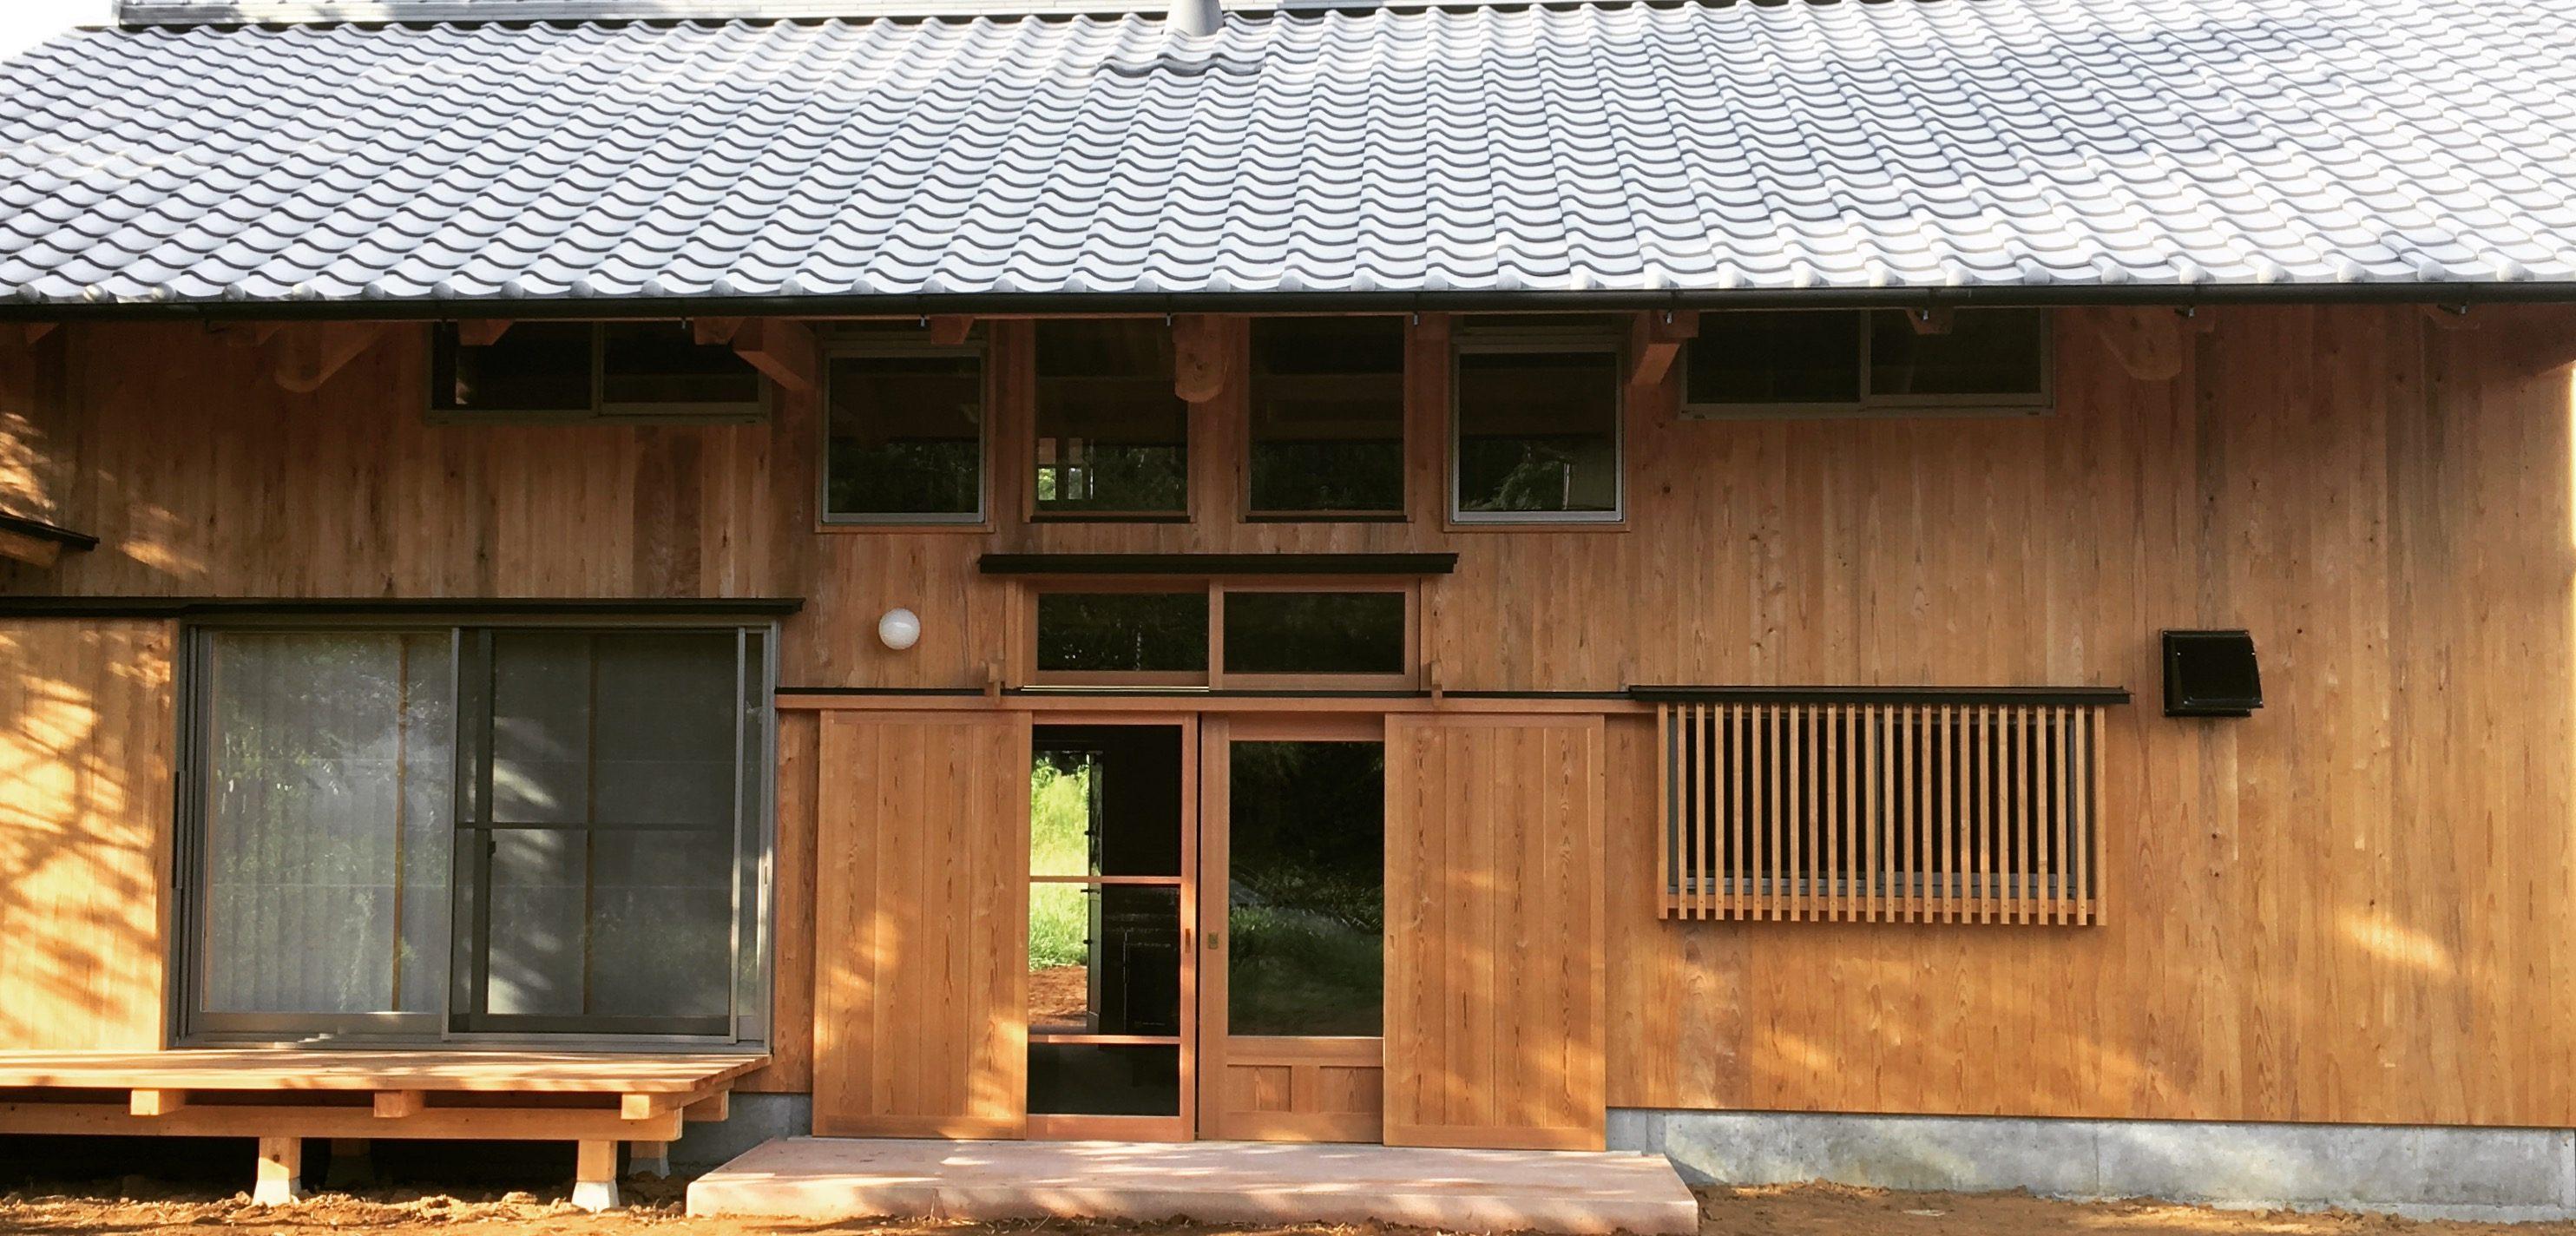 山武杉×板倉工法 木の家の新たな魅せ方